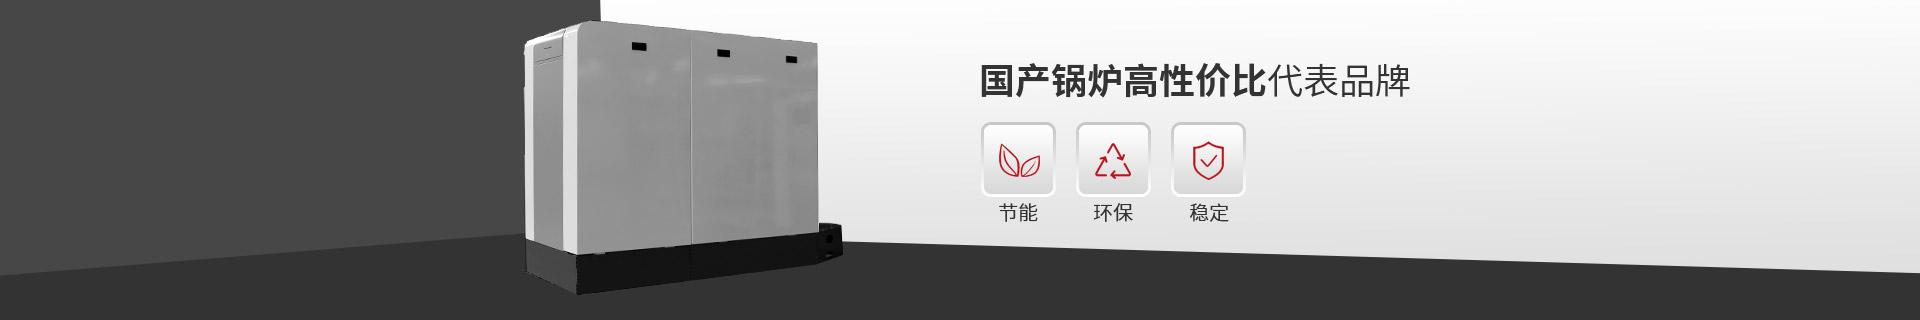 东方永捷,爱普森国产锅炉高性价比代表品牌